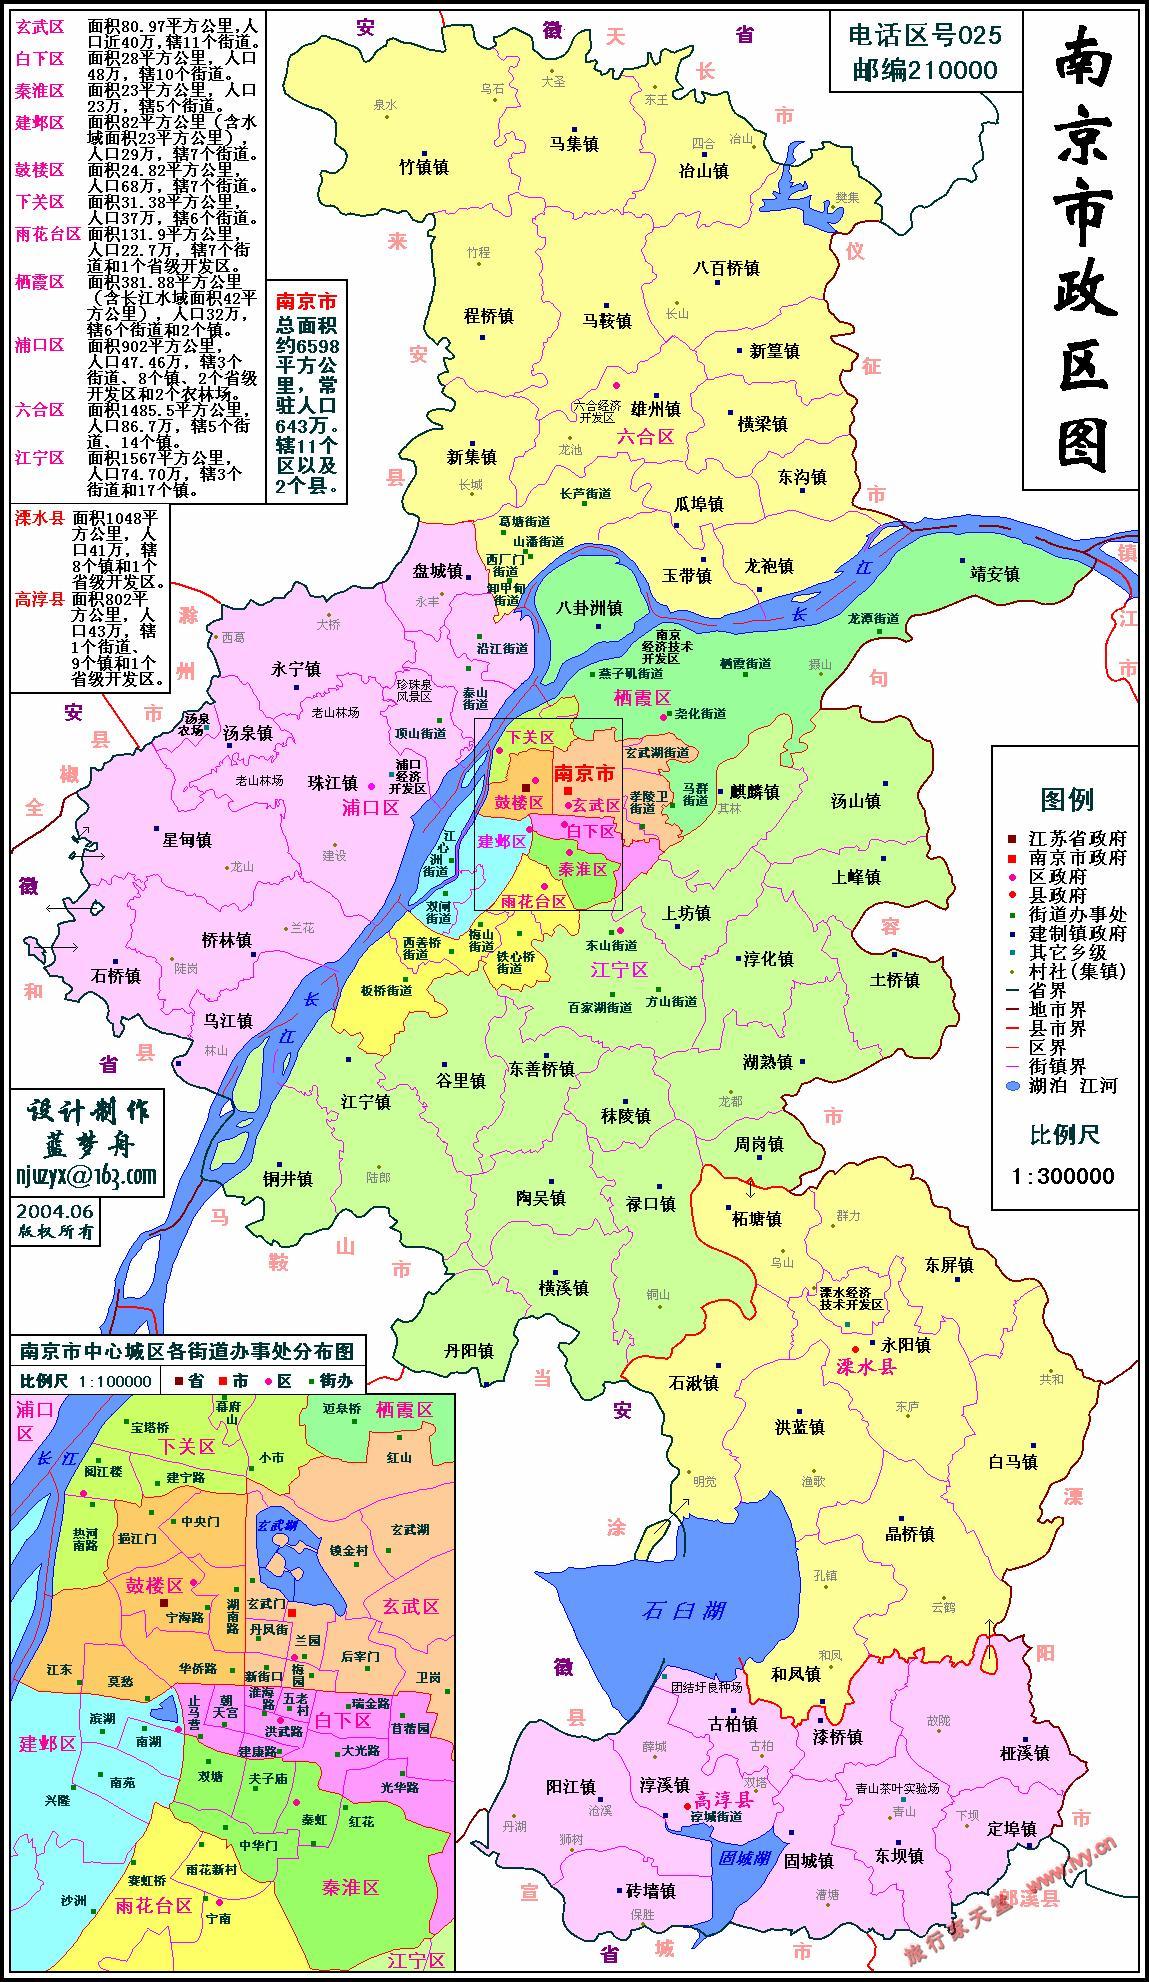 南京市分街镇精美政区图_南京地图查询